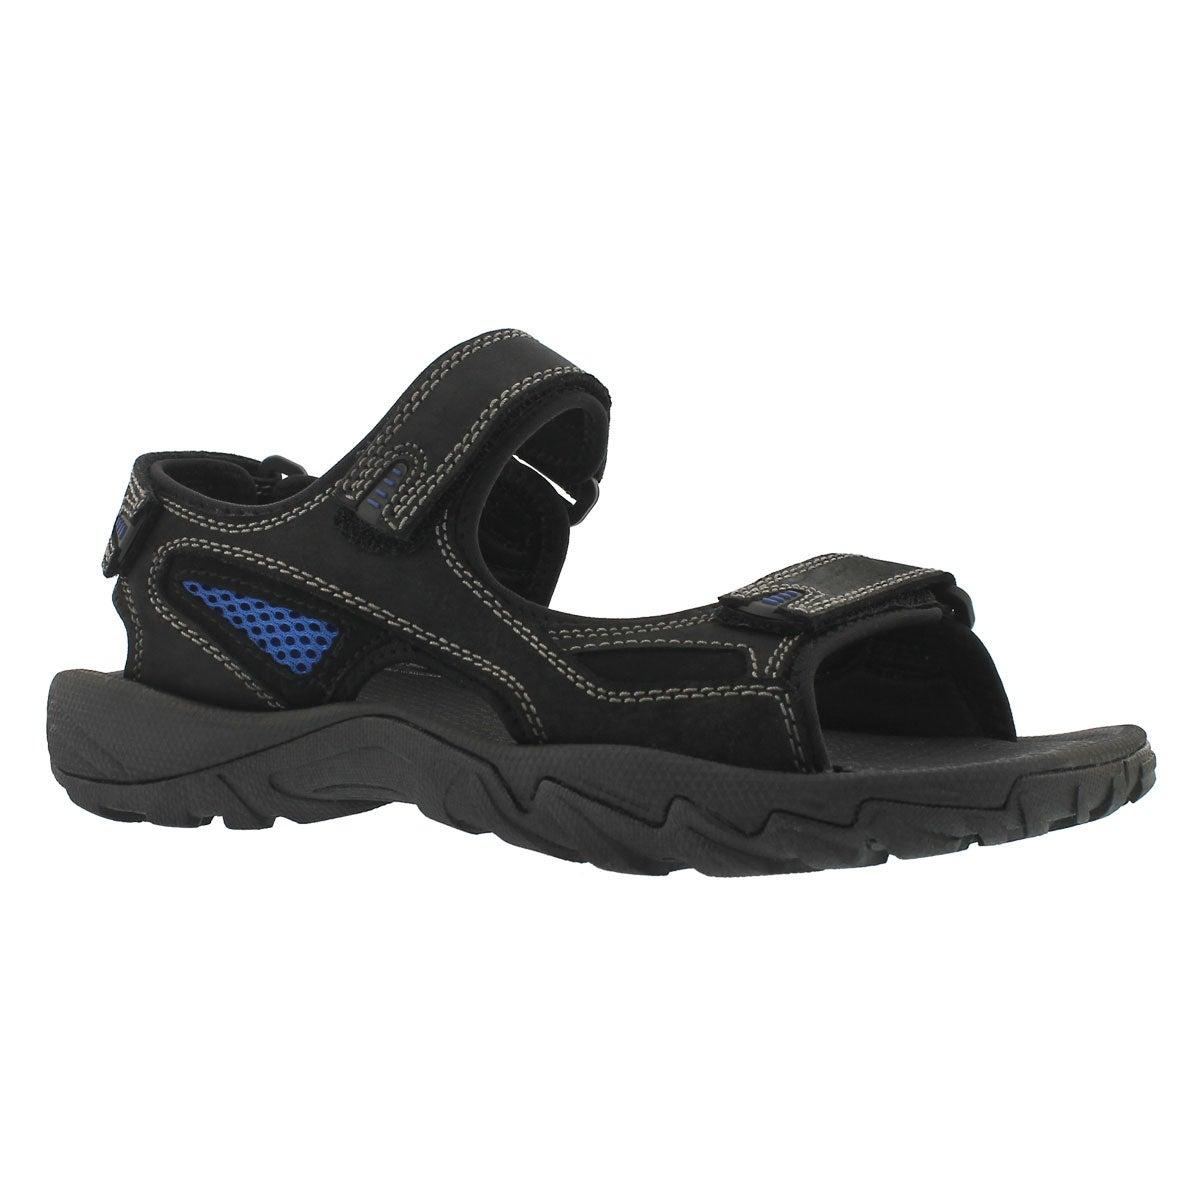 Men's LUCIUS 2 black 3 strap sandal